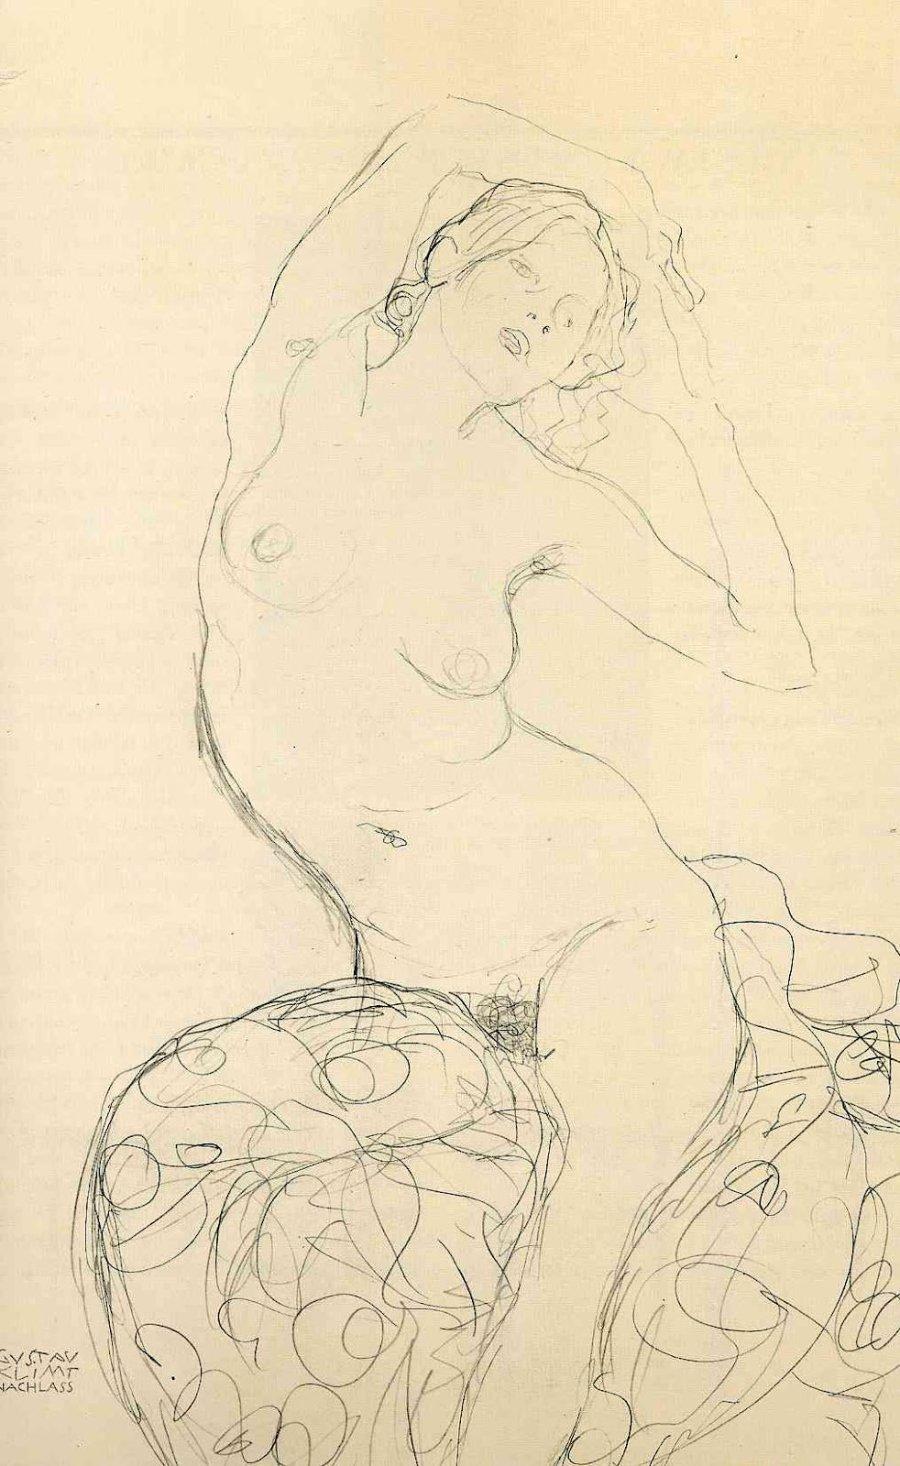 Gustav_Klimt_erotica_sensual16